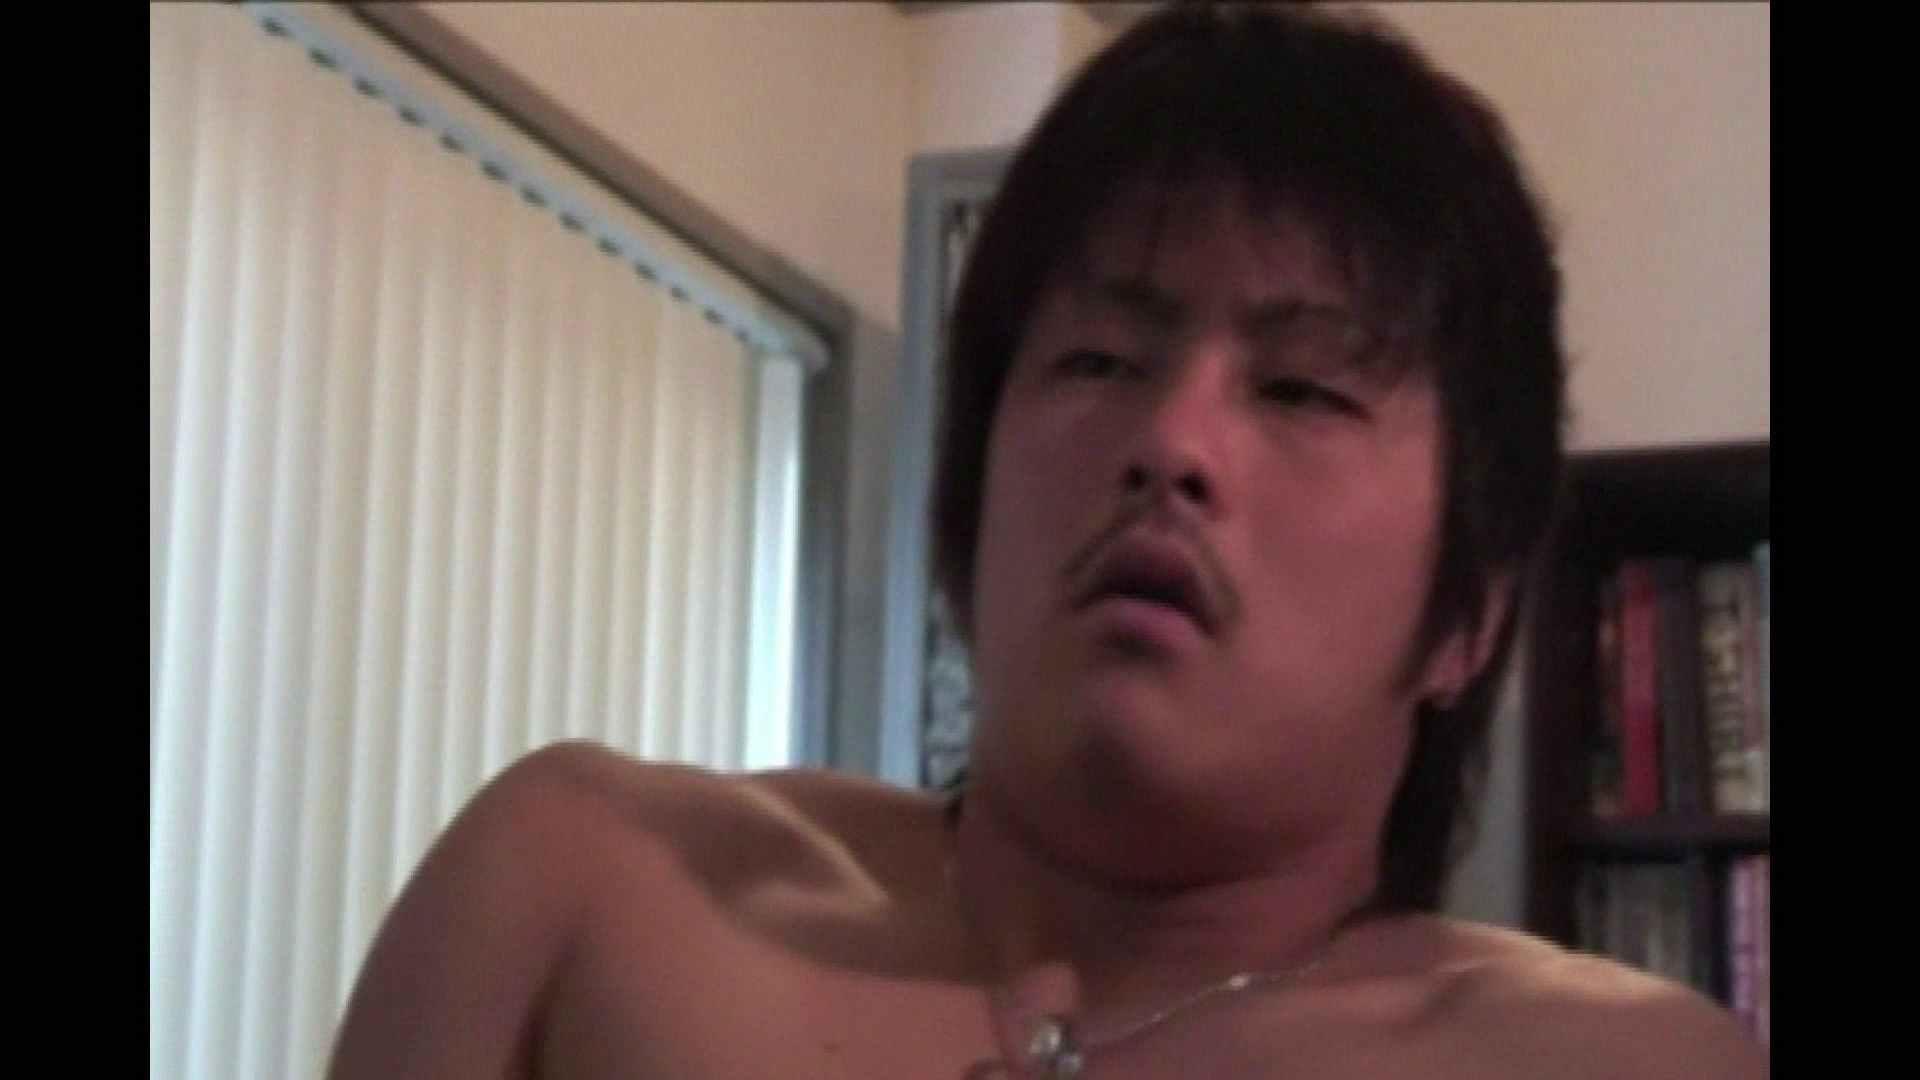 ヤリヤリ野郎共倶楽部vol.36 エロ | 男天国  68pic 40